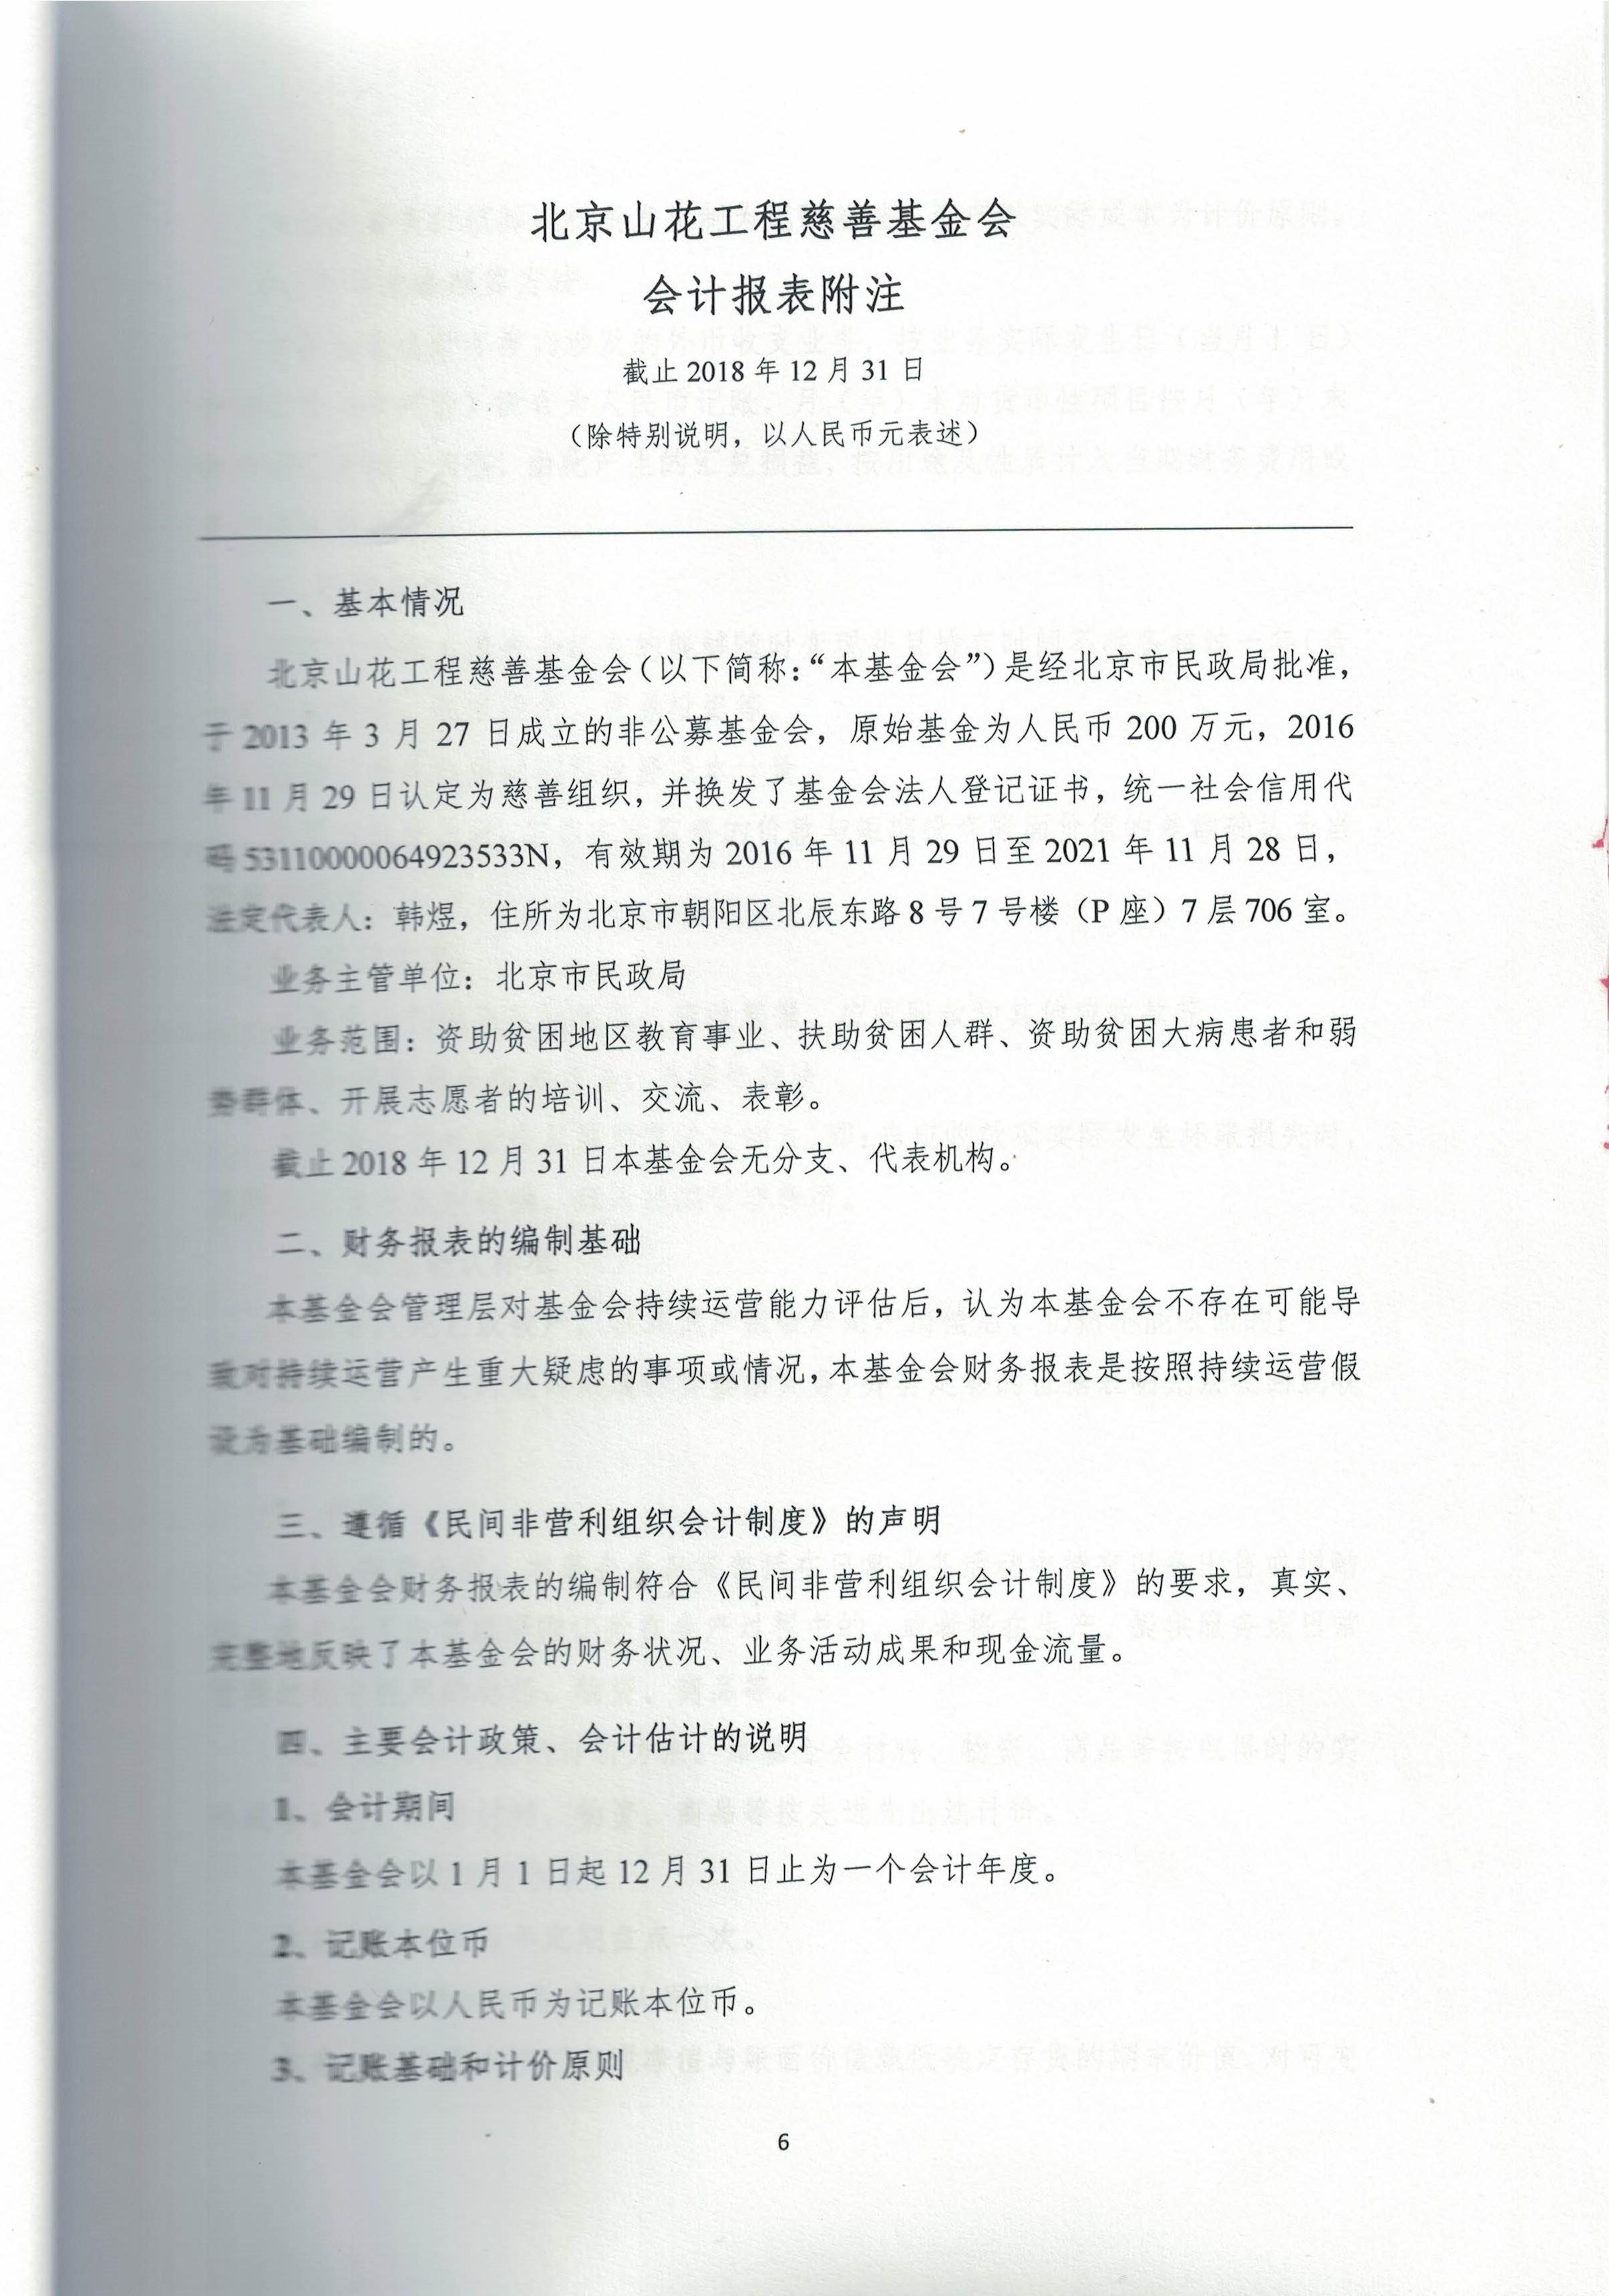 2018审计报告_页面_08